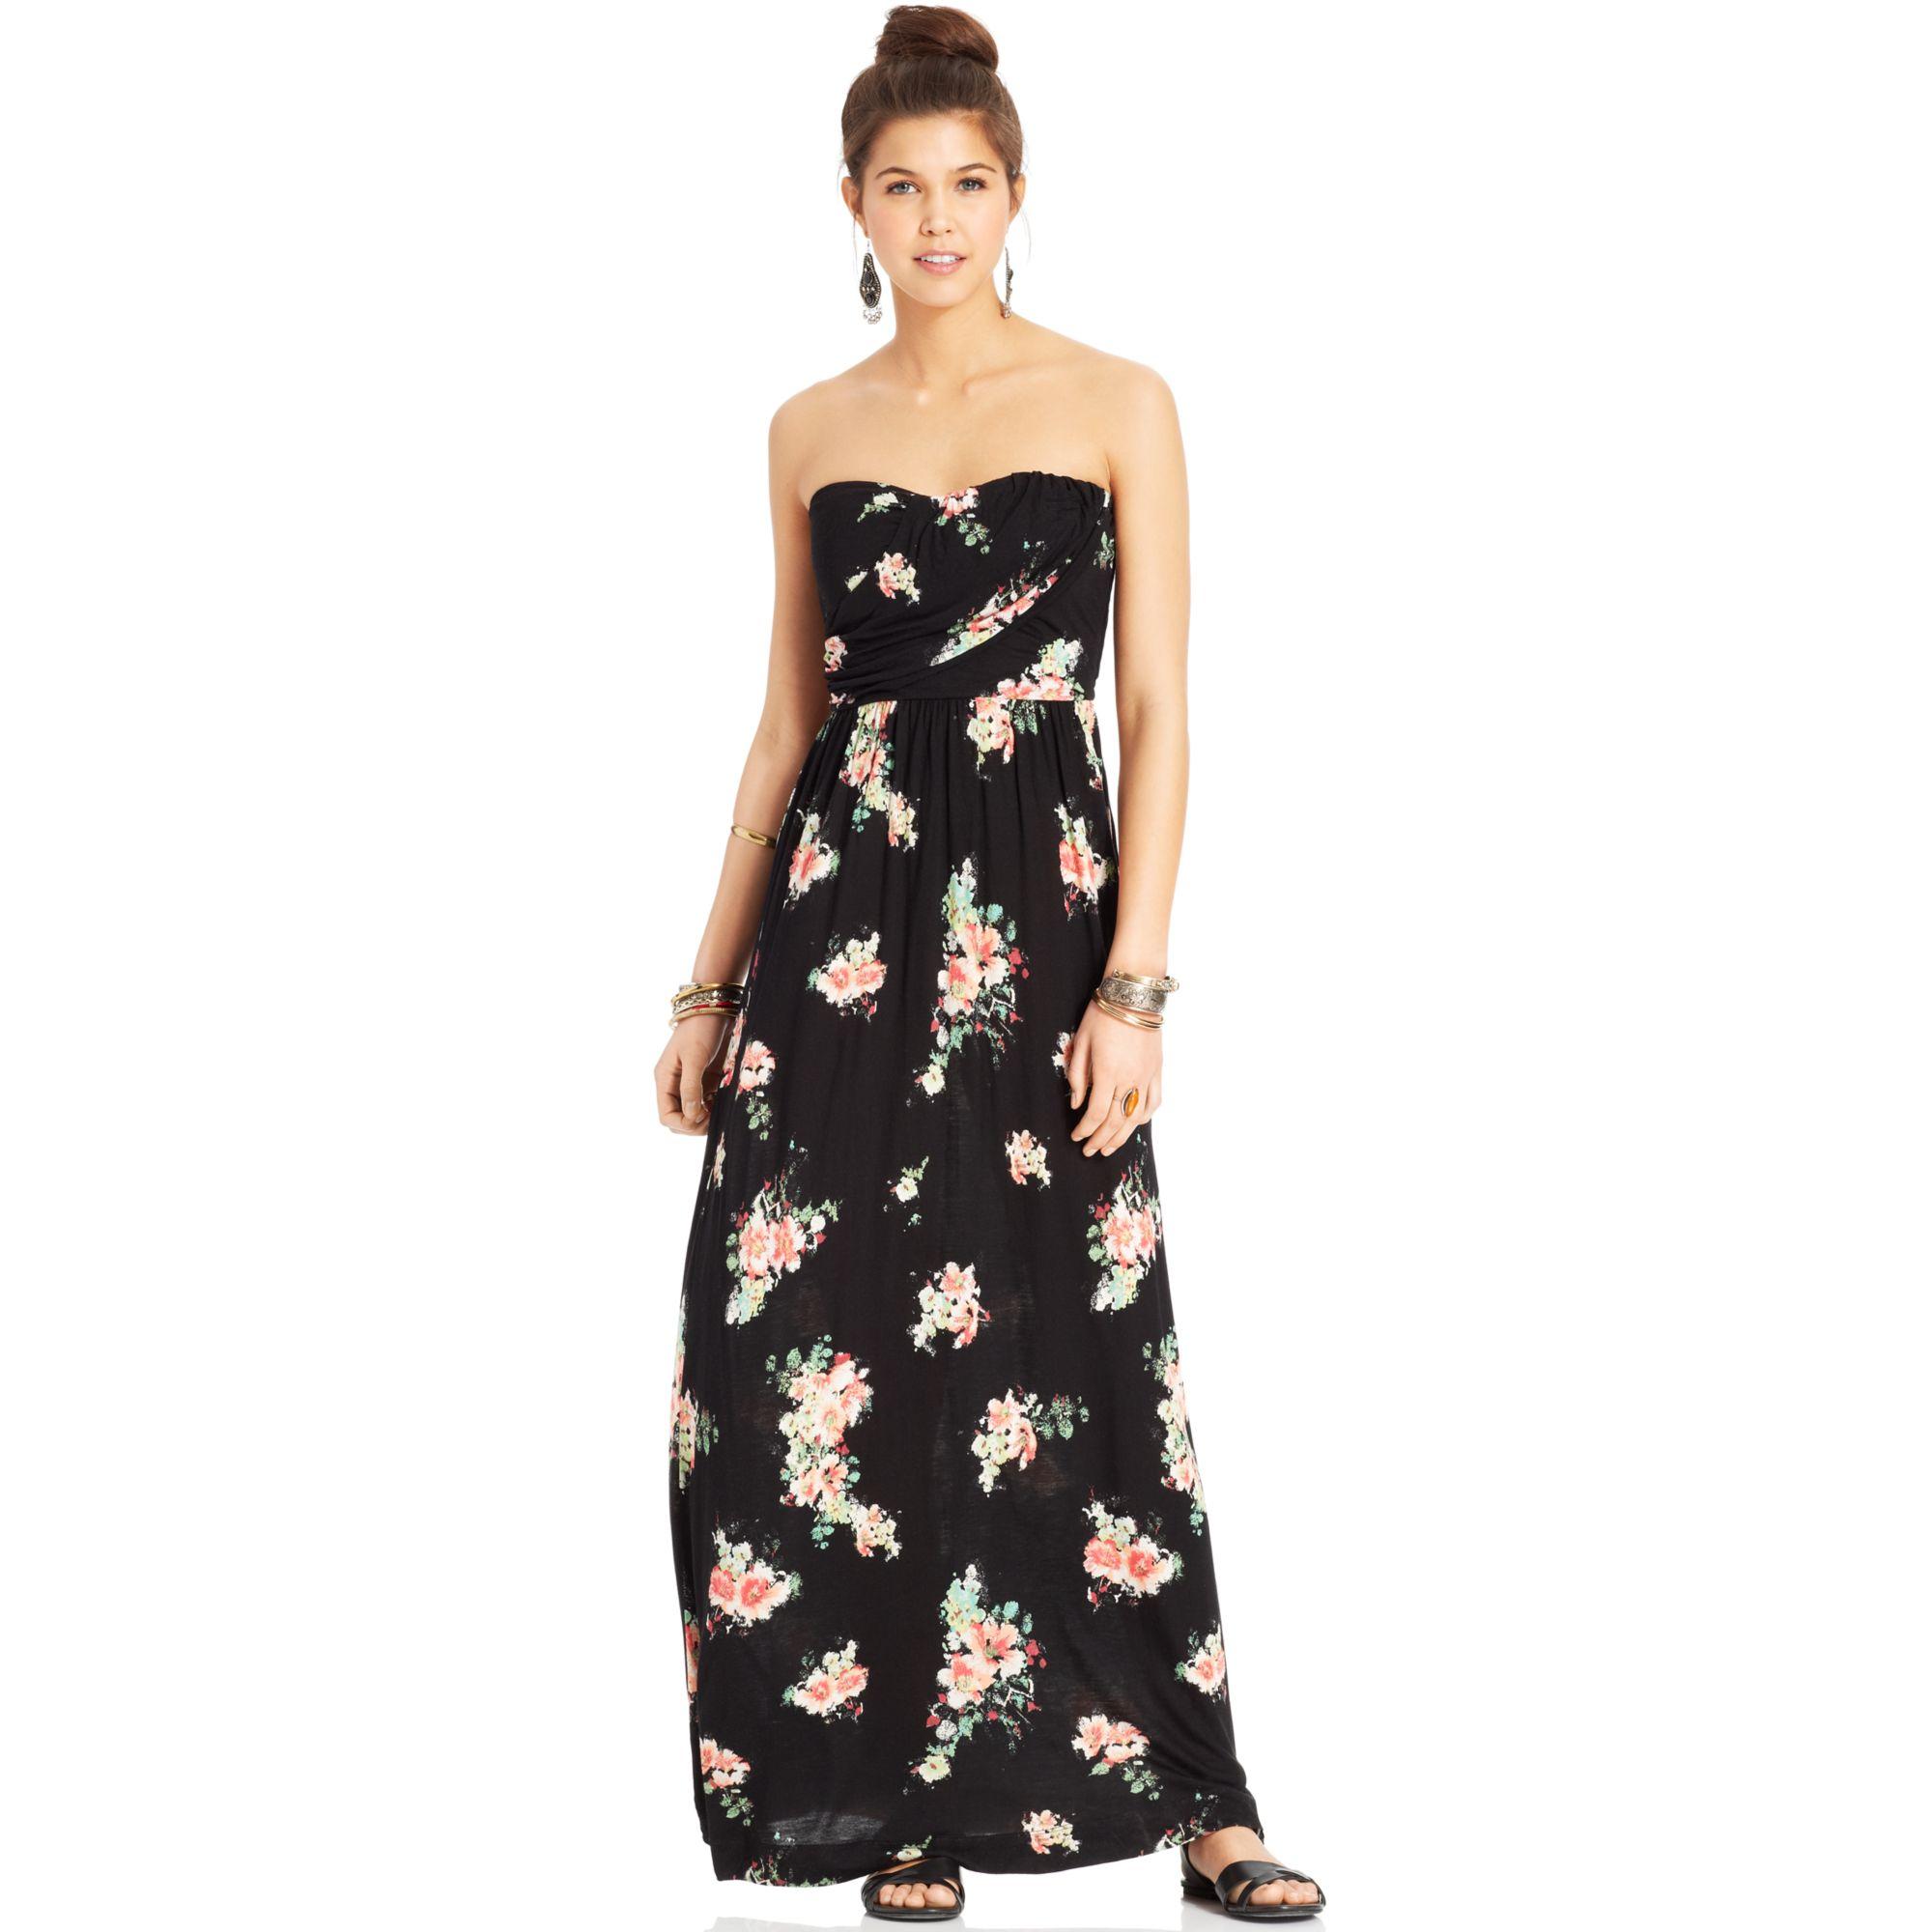 634d04360 American Rag Strapless Floralprint Maxi Dress - Lyst